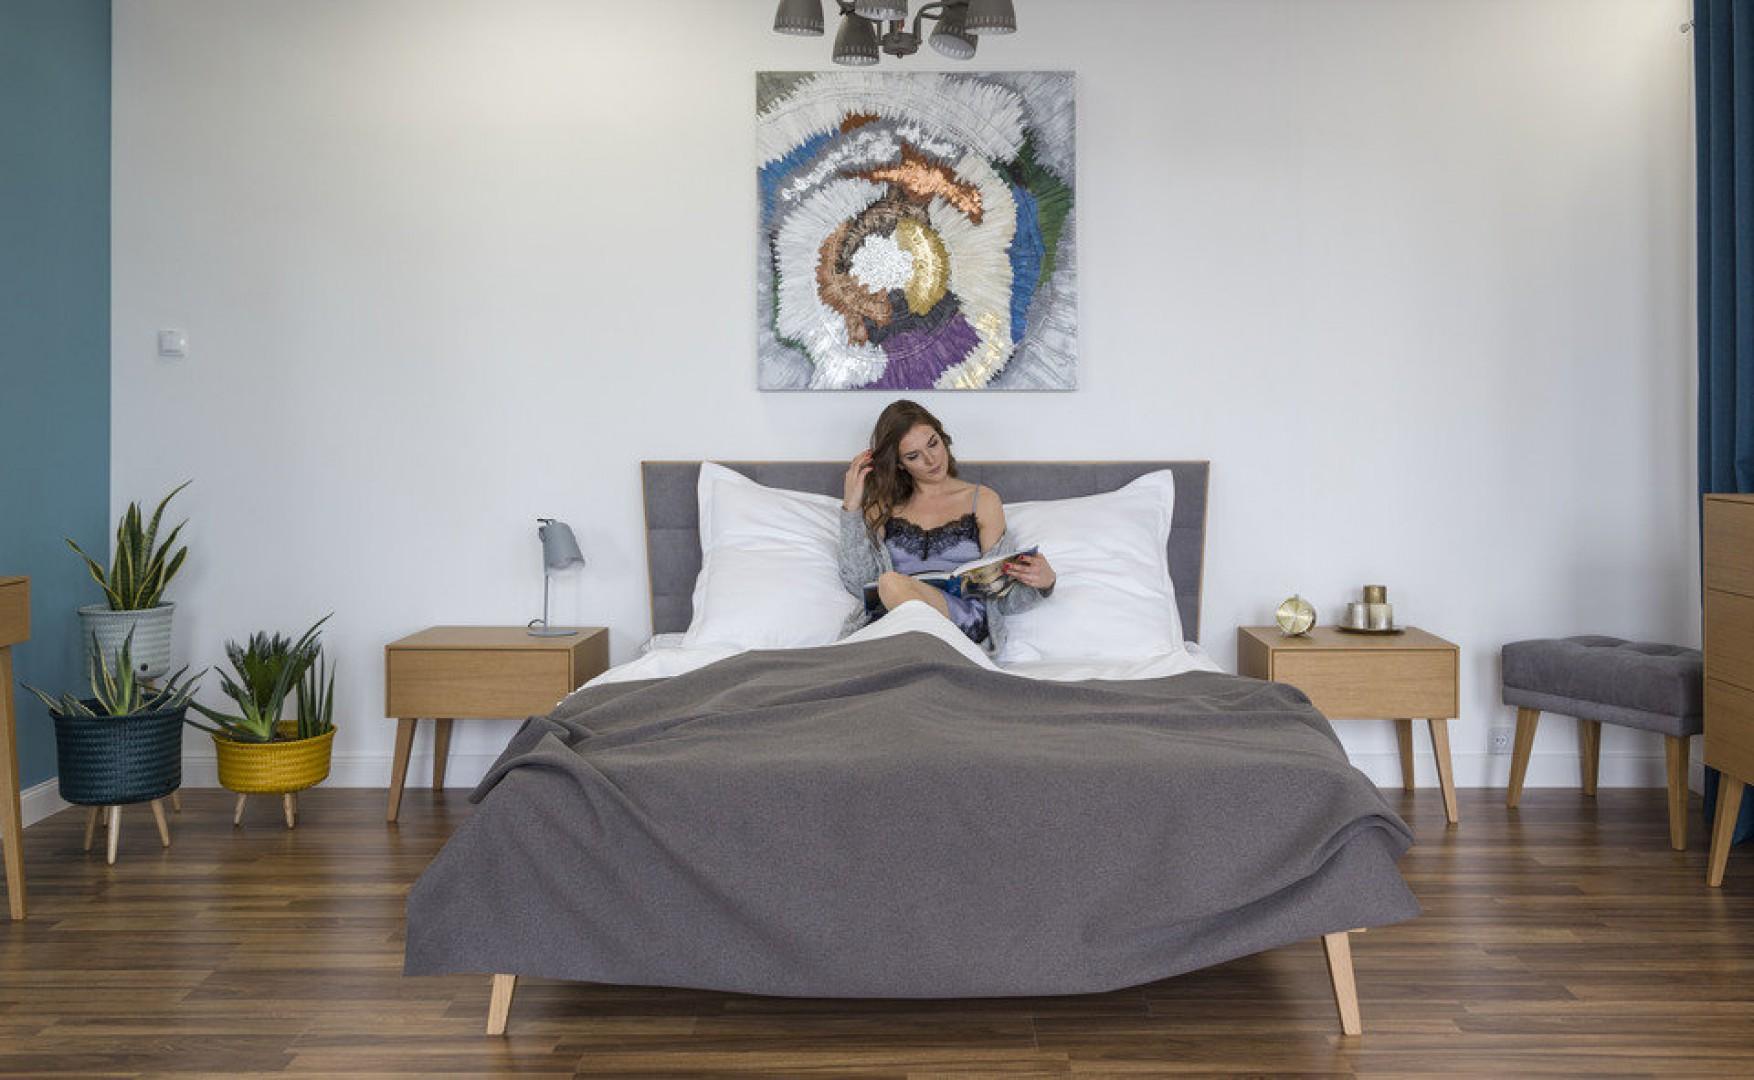 Właśnie rozpoczęła działalność nowa internetowa platforma sprzedaży mebli i akcesoriów wyposażenia wnętrz Make Home. Fot. Make Home